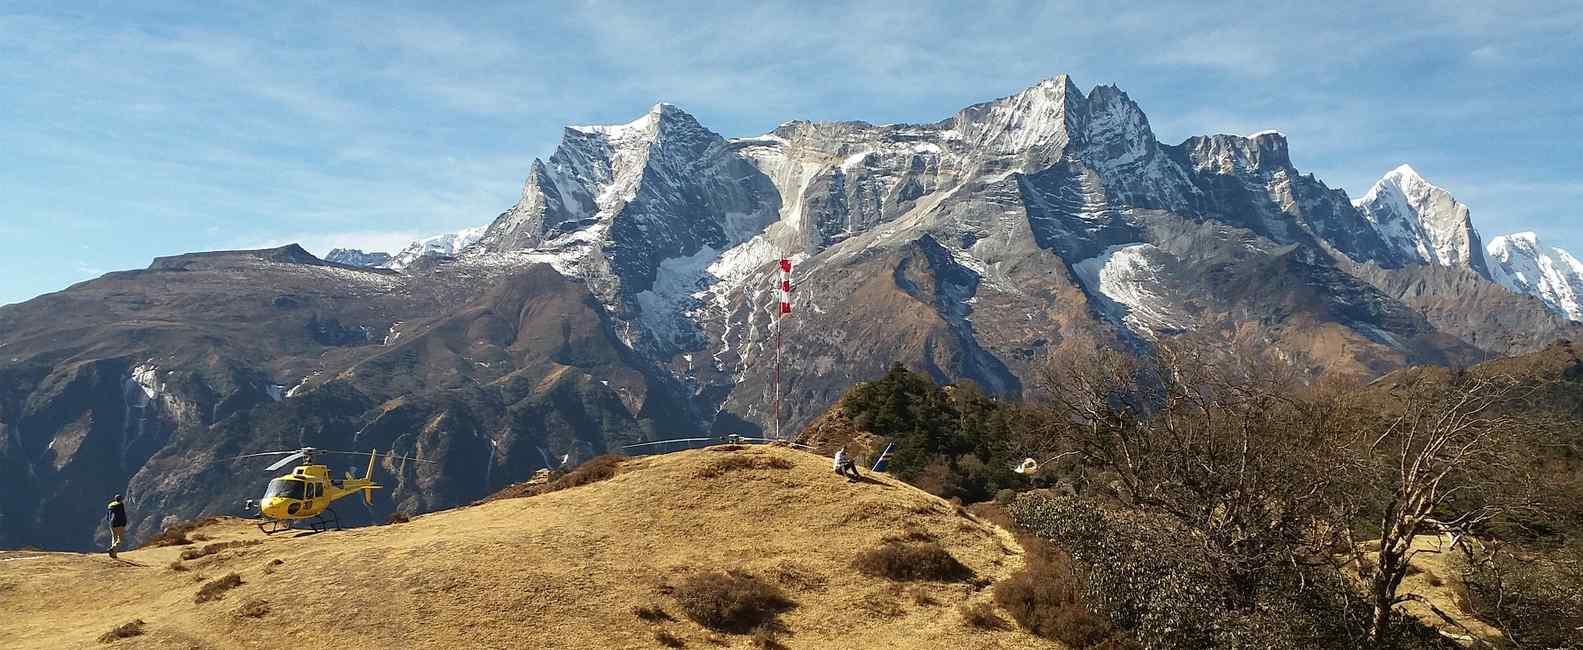 Everest Base Camp Trek and Return via Helicopter